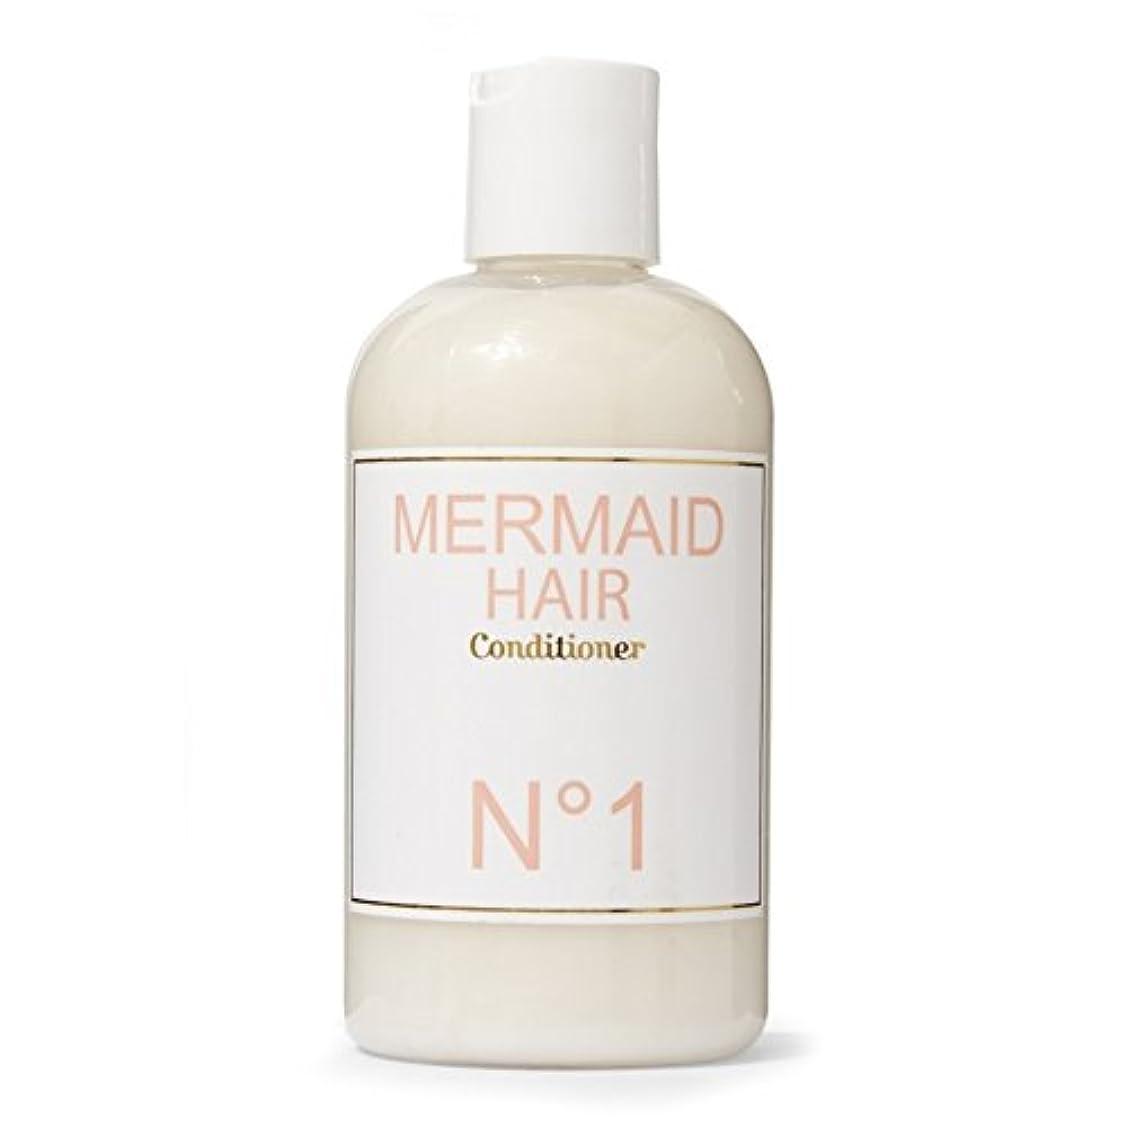 ロボットお汗Mermaid Perfume Mermaid Conditioner 300ml - 人魚香水人魚コンディショナー300ミリリットル [並行輸入品]